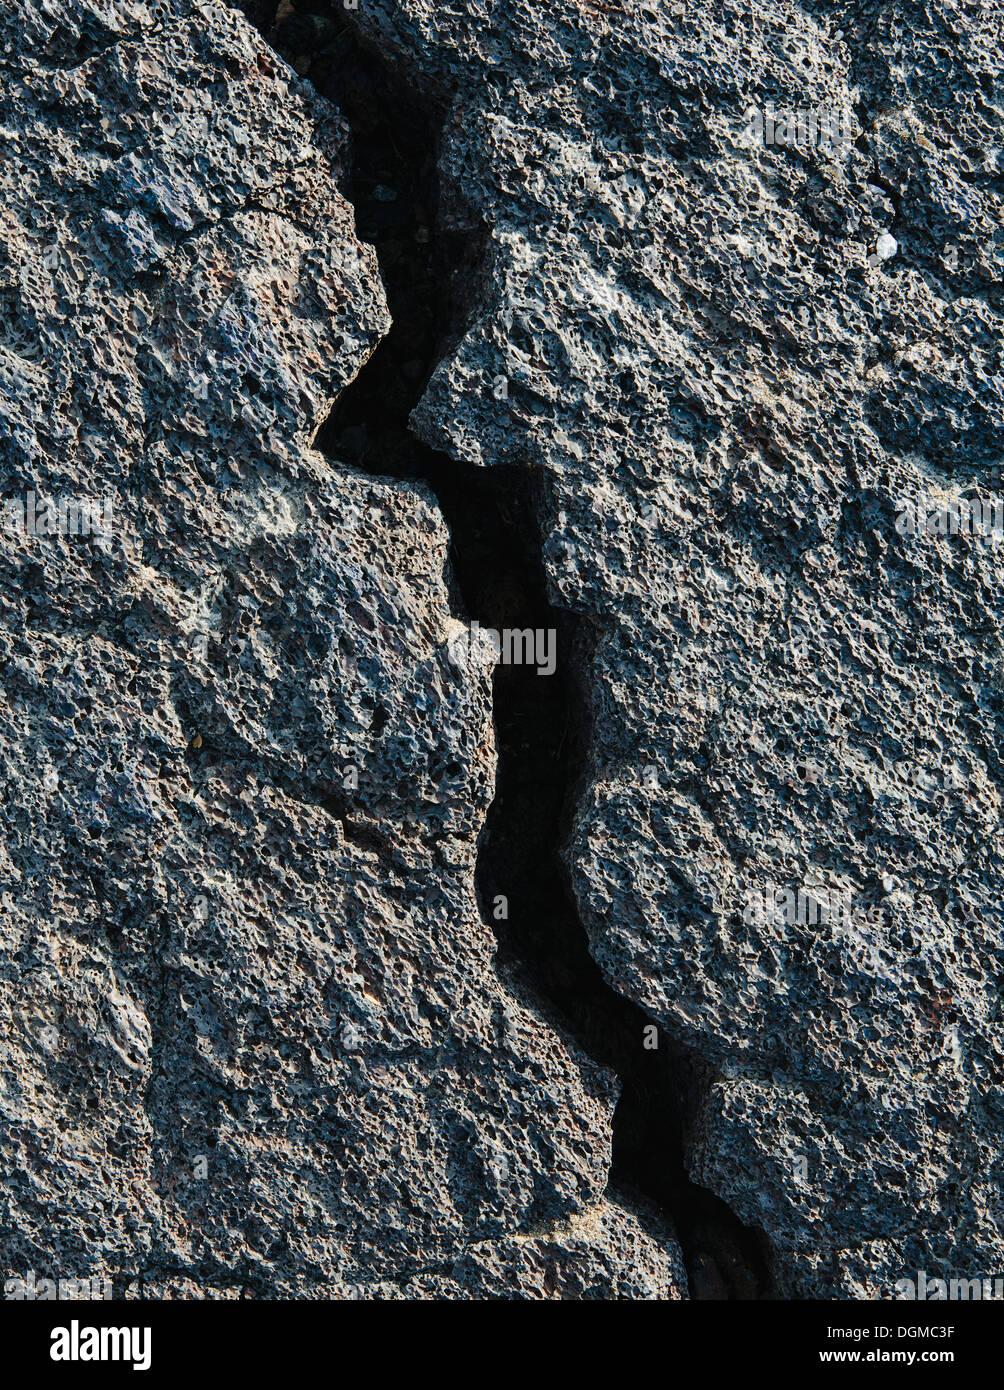 Ein Lavafeld mit schwarzen erstarrten Felsoberfläche mit Rissen. Stockbild